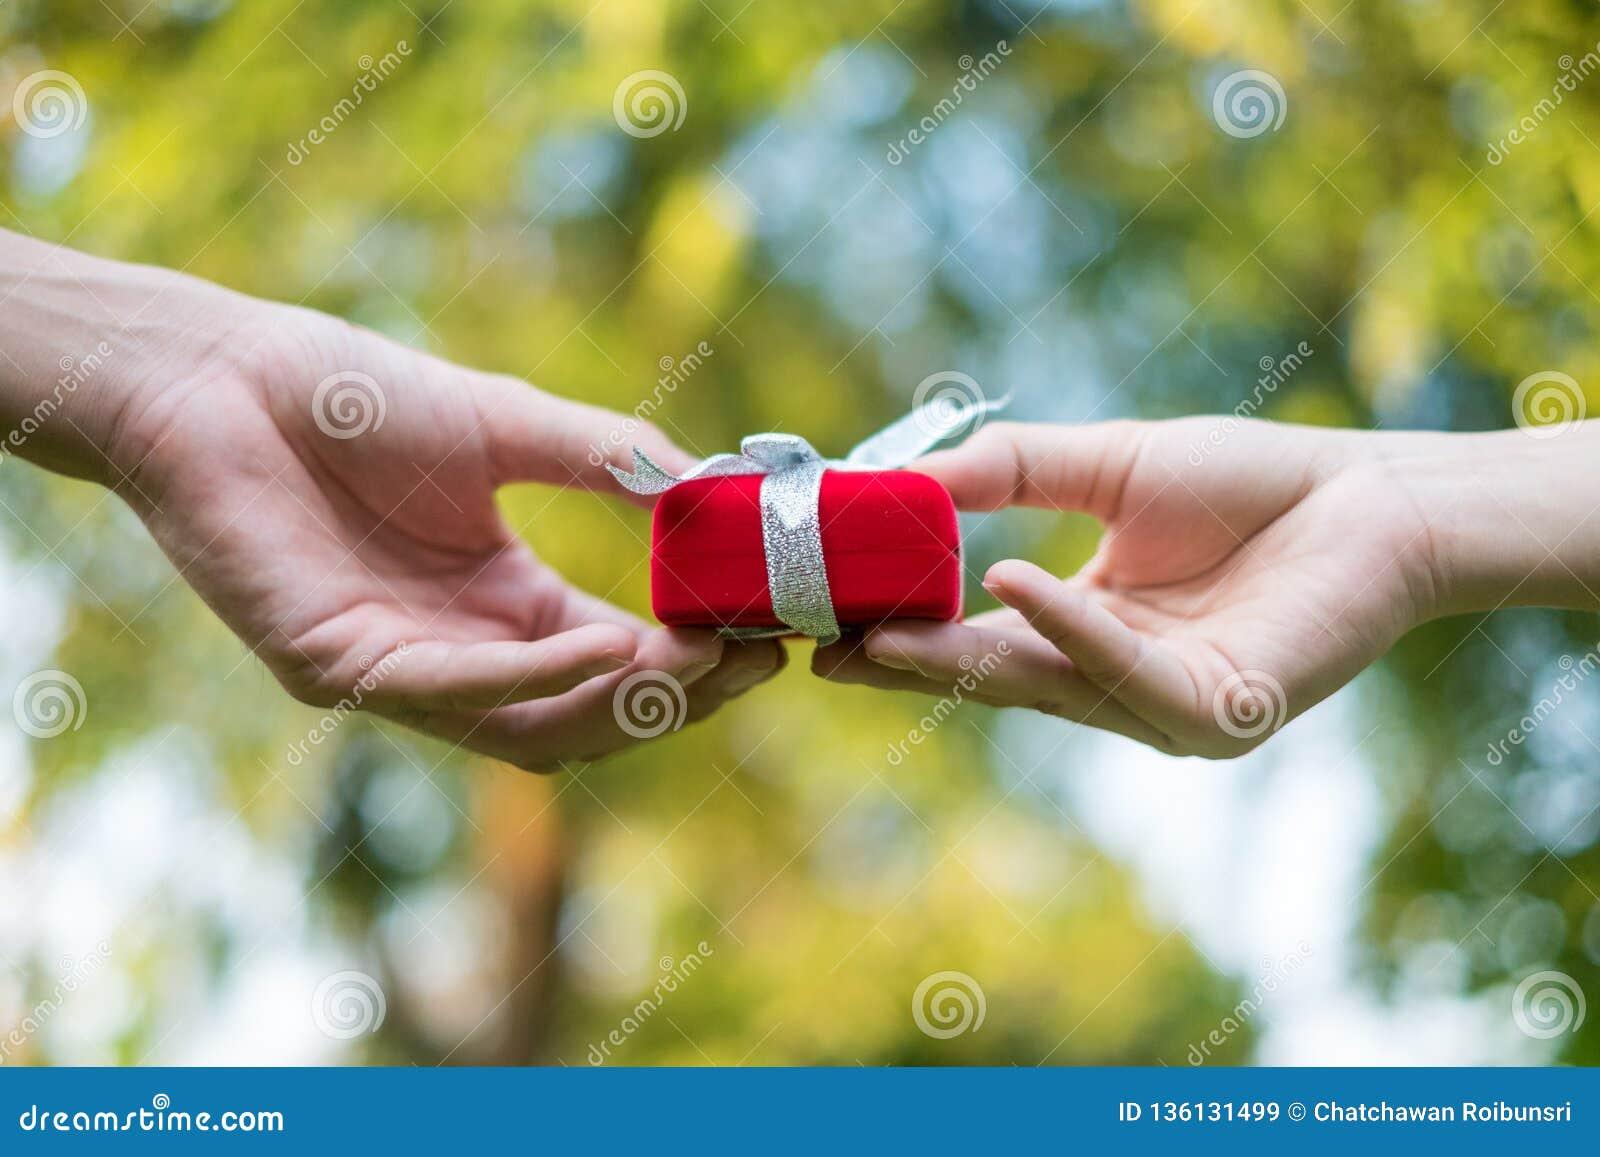 Dando il contenitore di regalo rosso dentro con le mani i giorni speciali per la persona speciale, sul fondo dell erba Contenitor